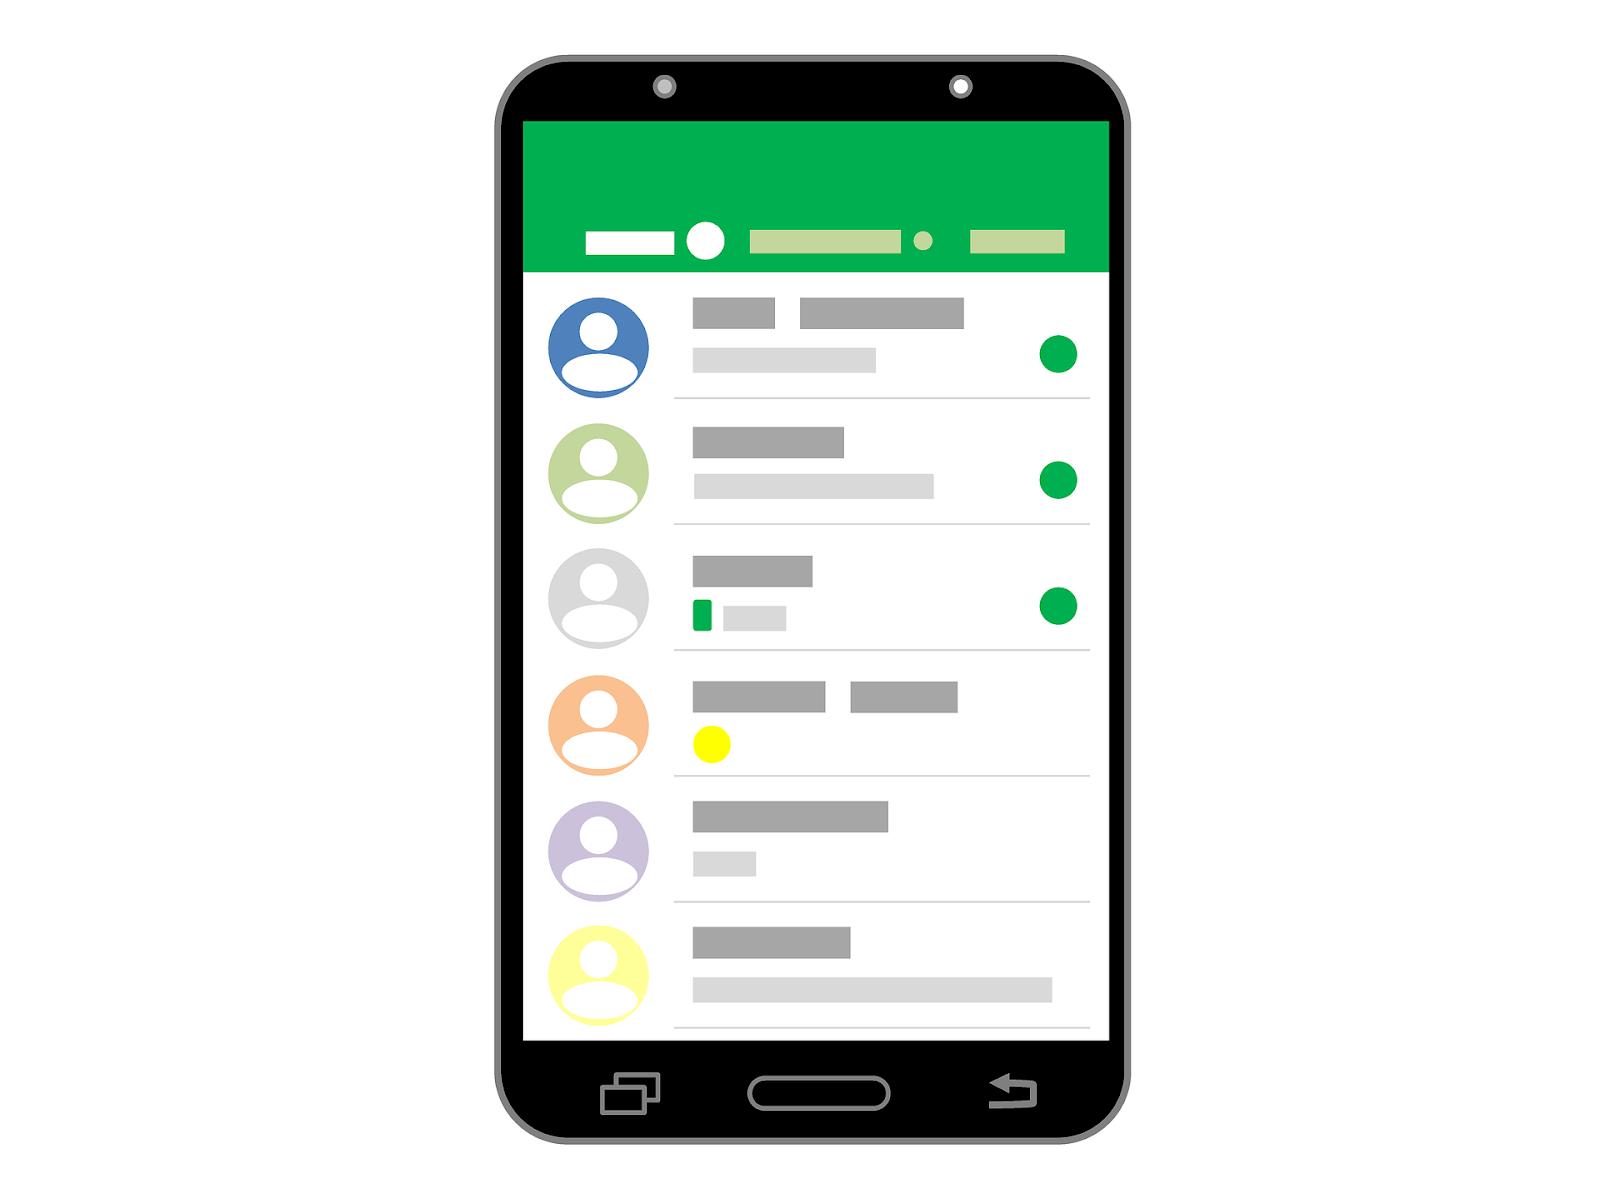 WhatsApp Status के फोटो-वीडियो फोन में रहते है डाउनलोड, इस सीक्रेट फोल्डर में होते हैं सेव